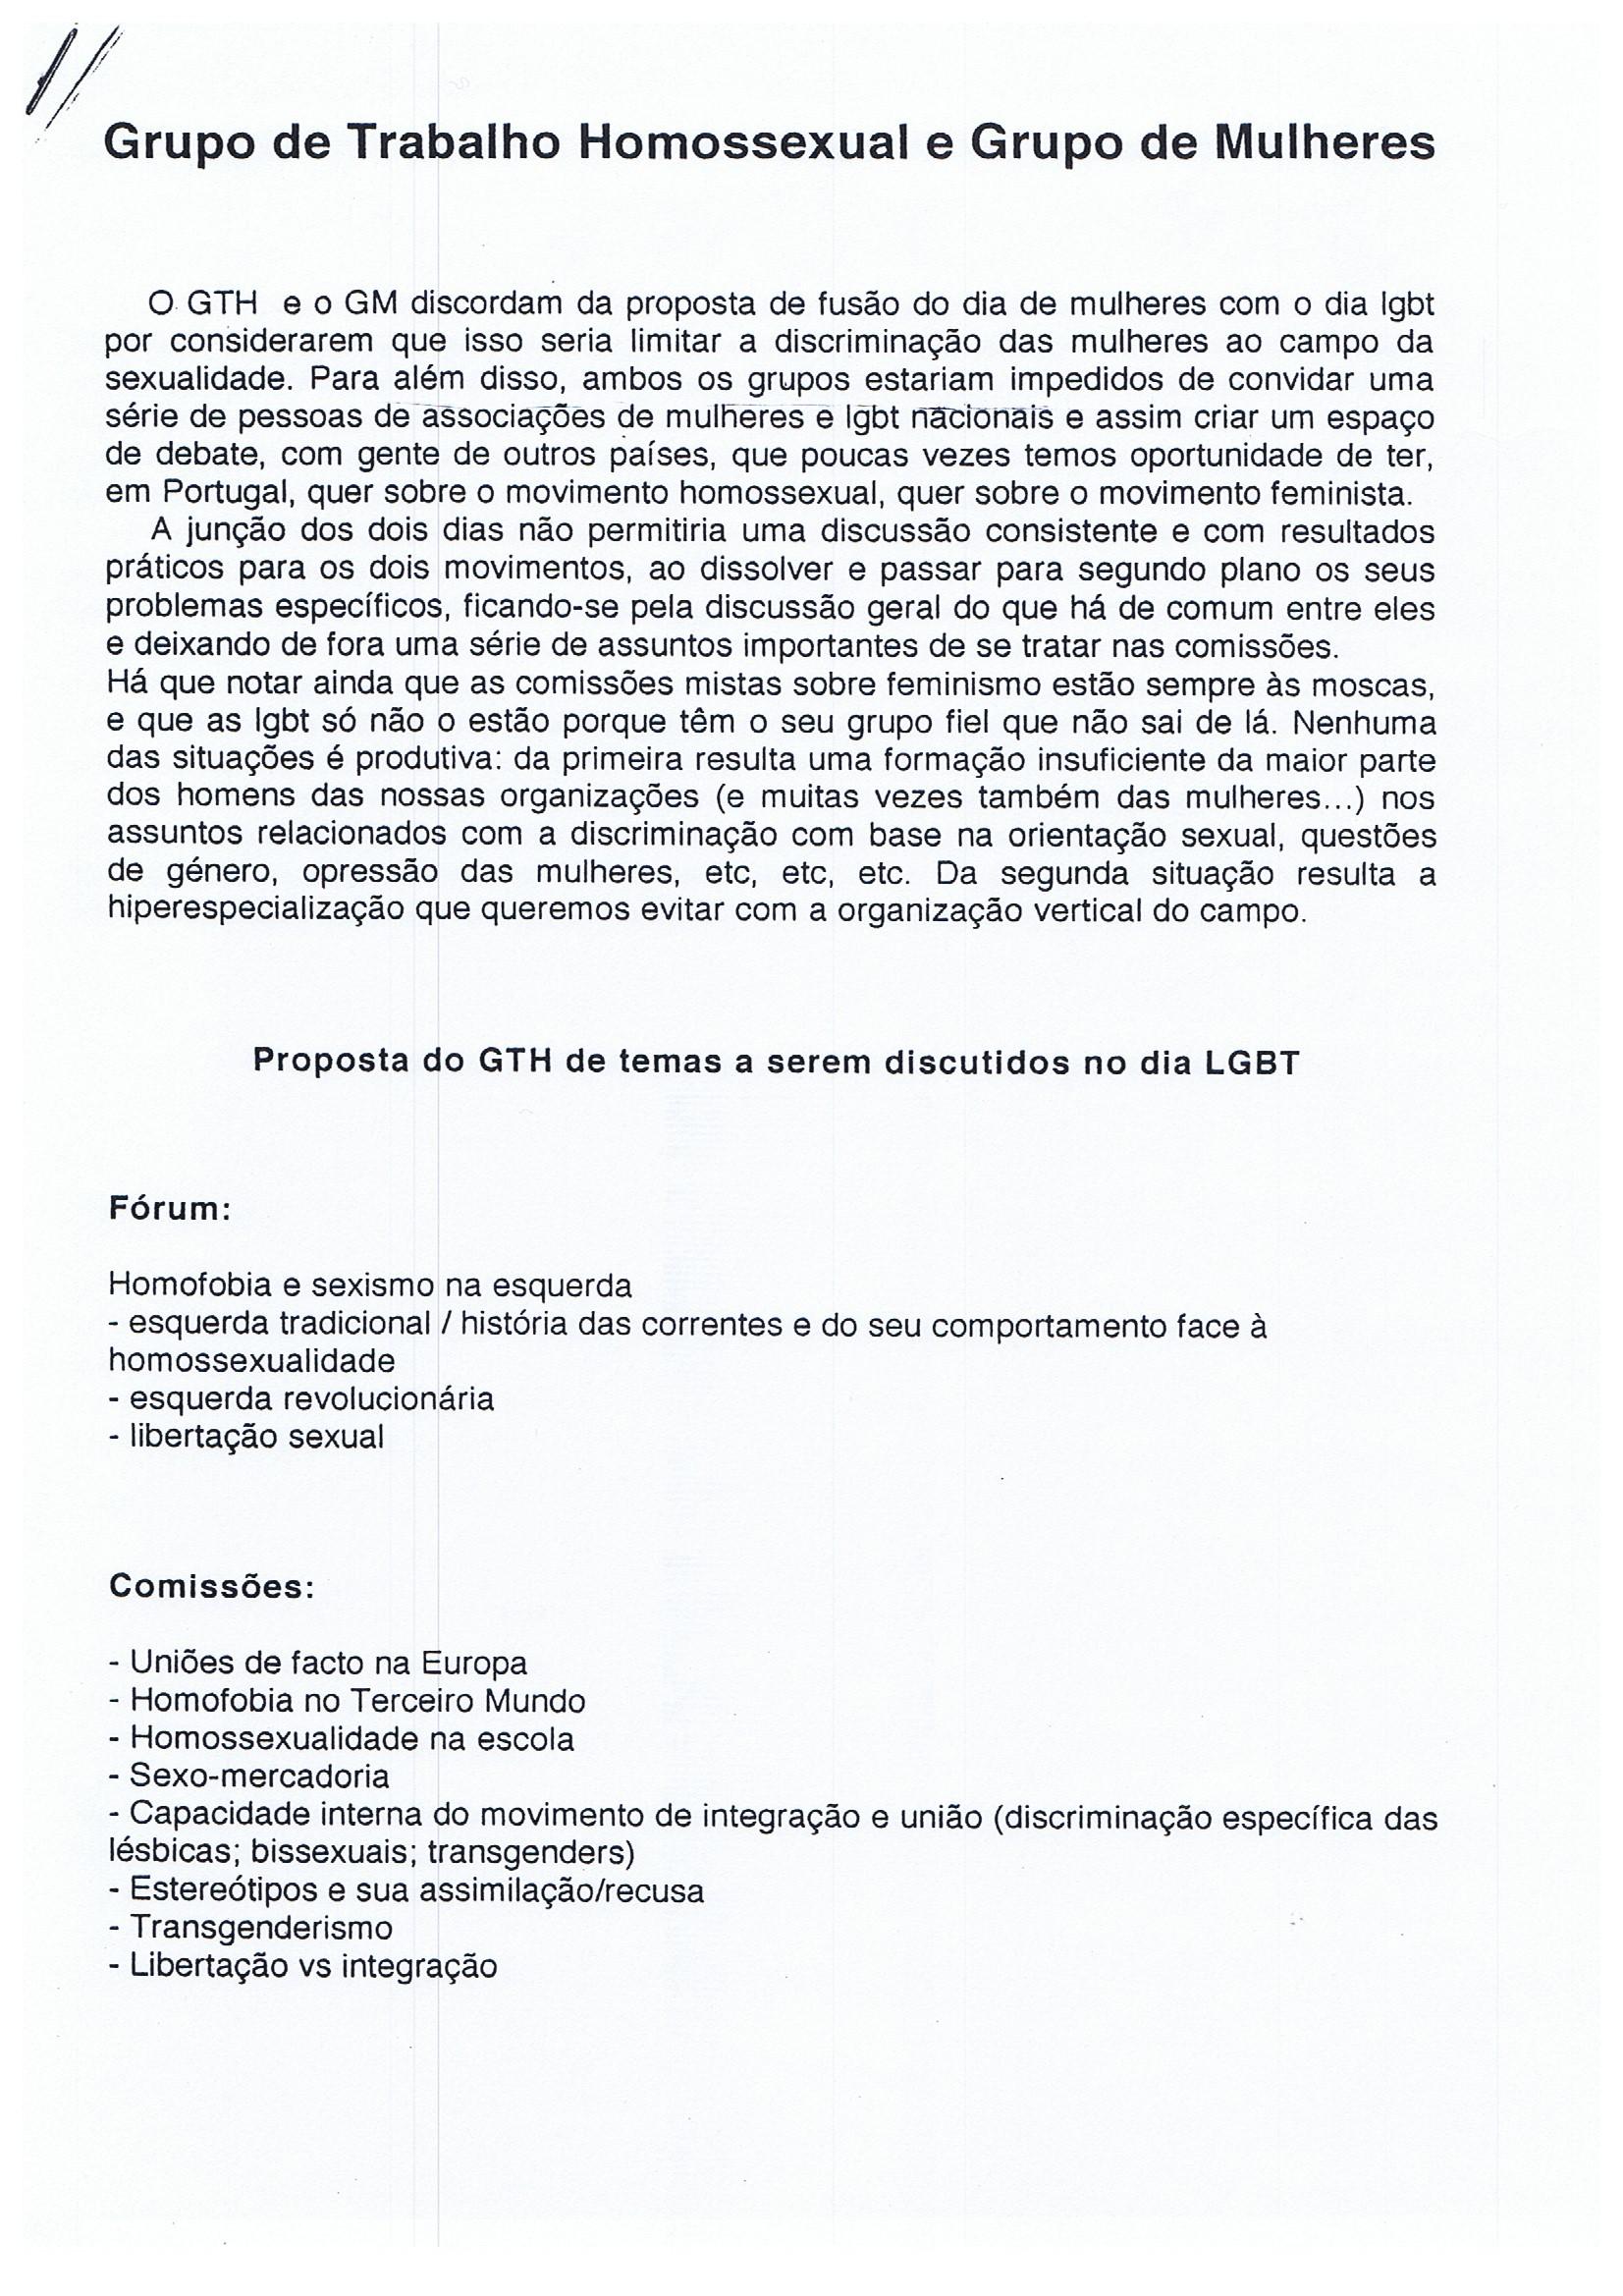 Patricio mussi homosexual statistics